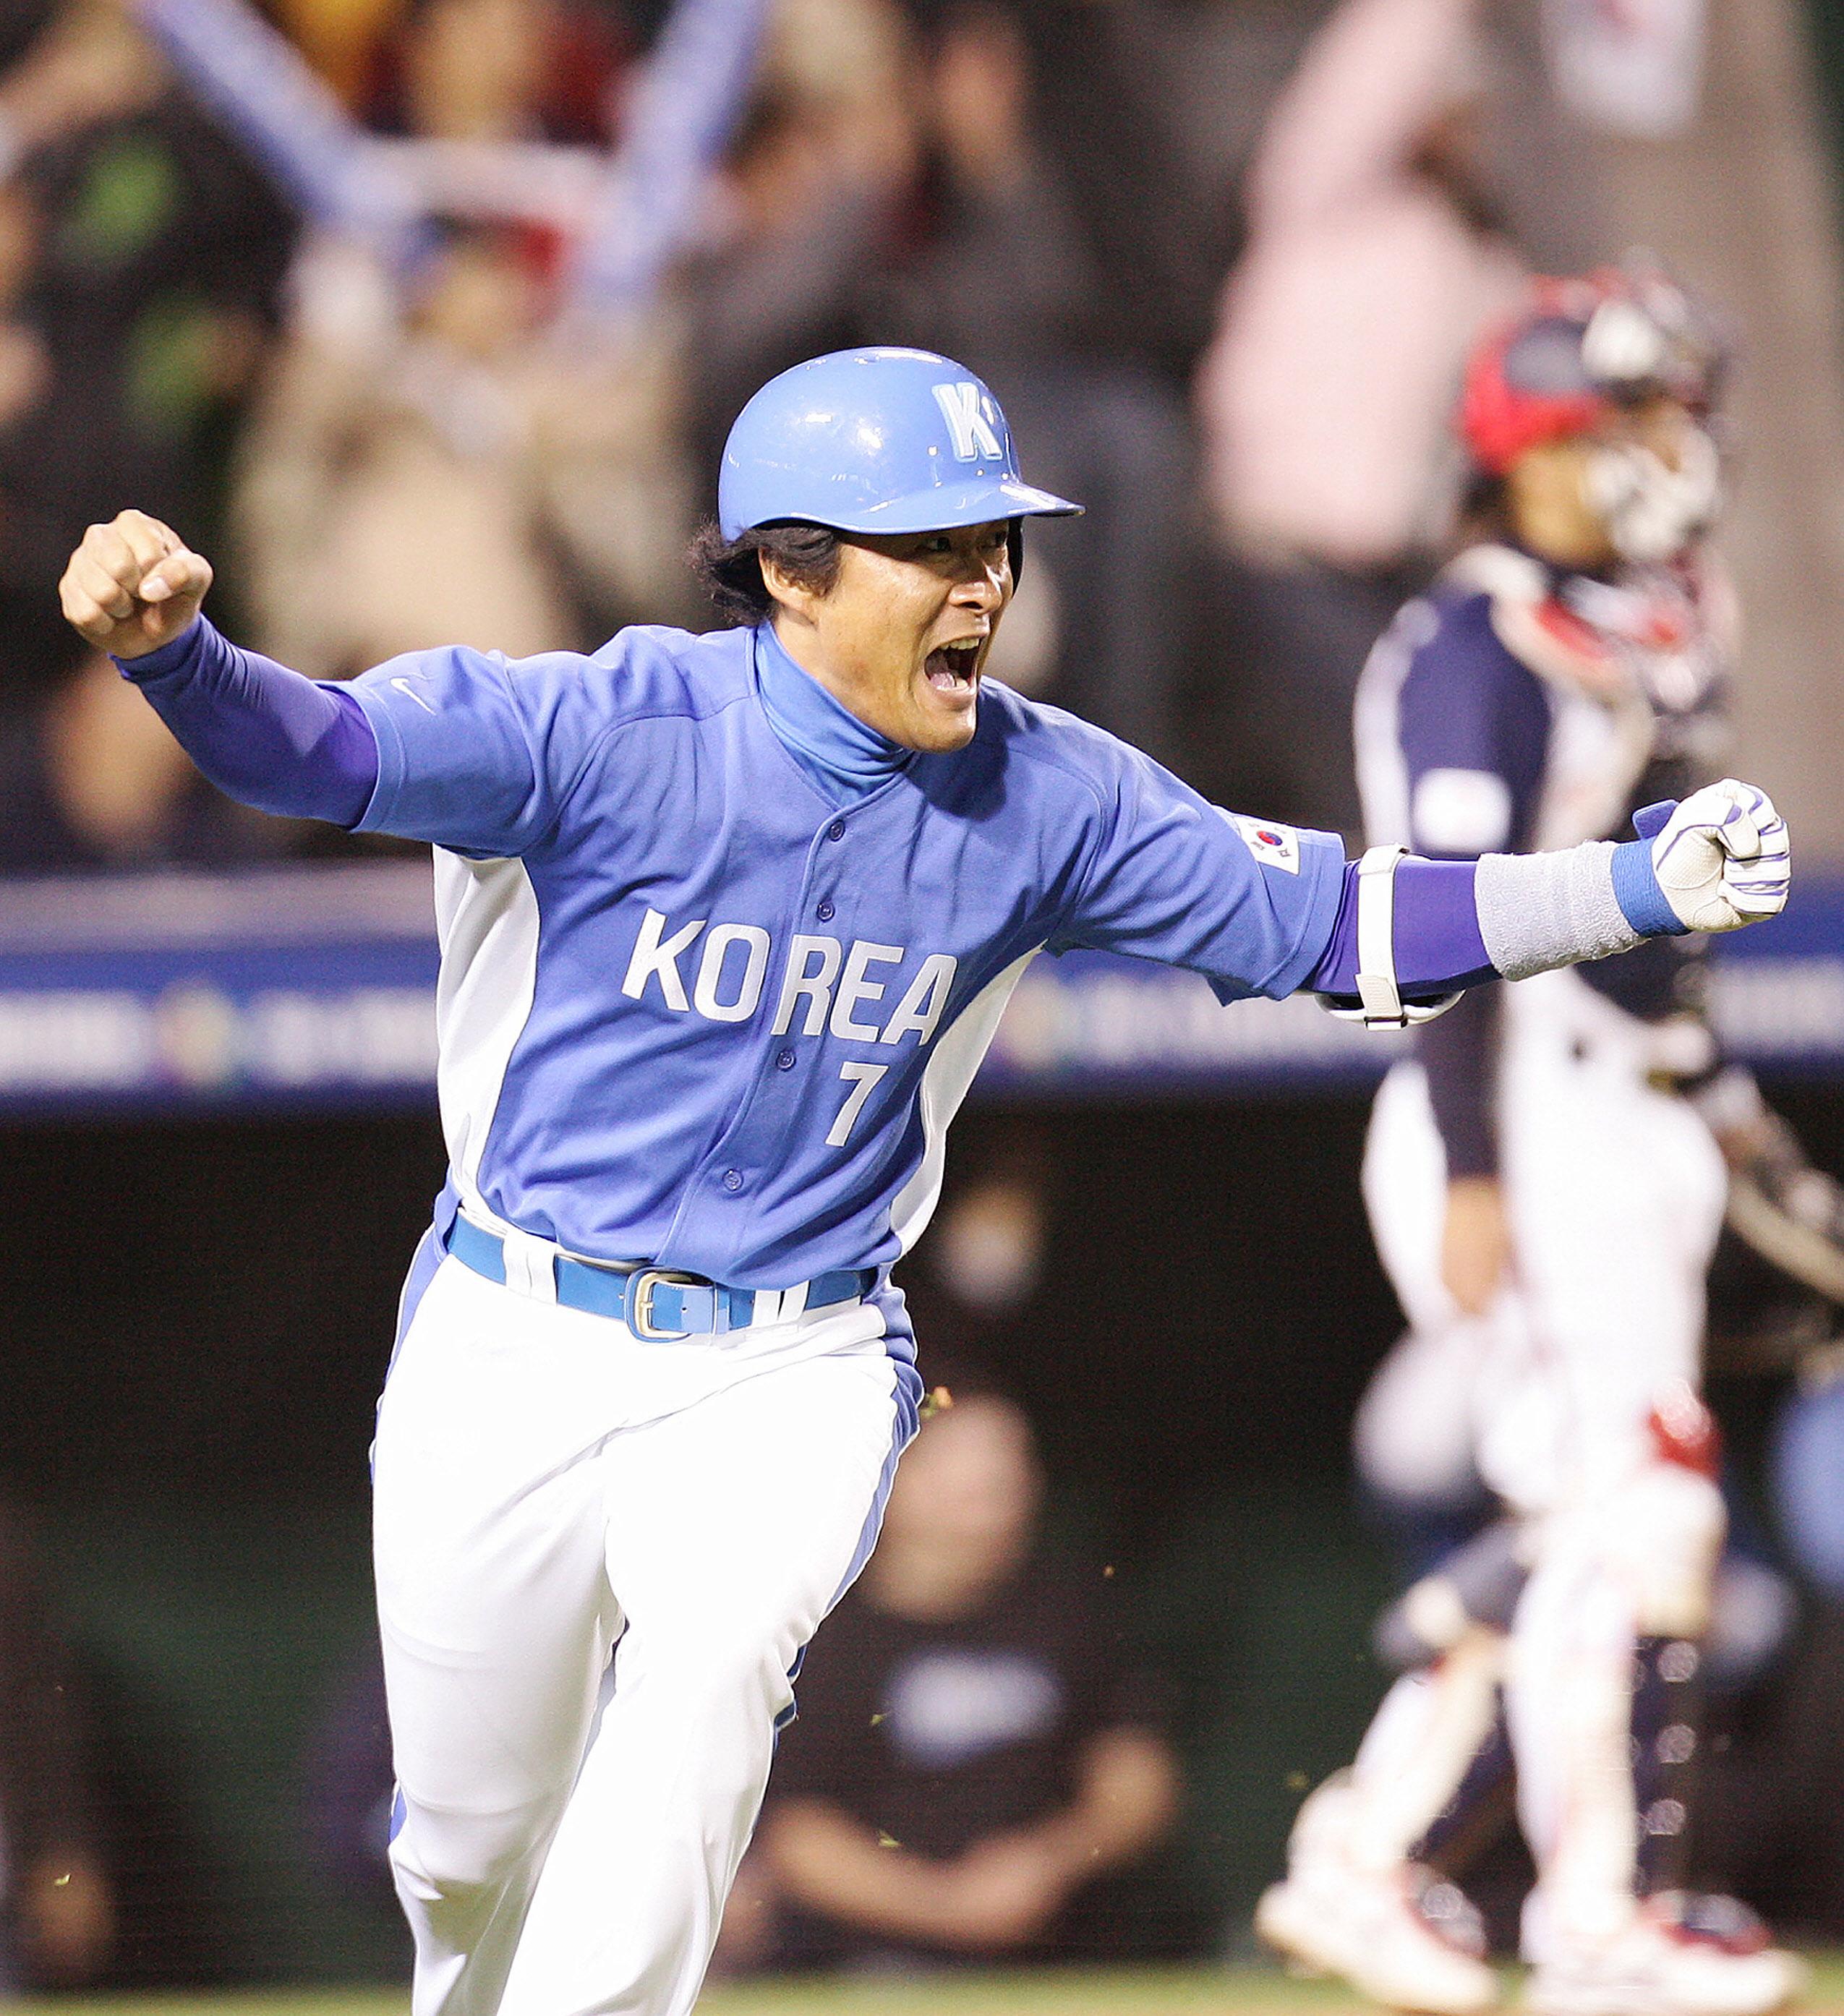 韓国代表で活躍した当時の李鍾範(イ・ジョンボム)コーチ